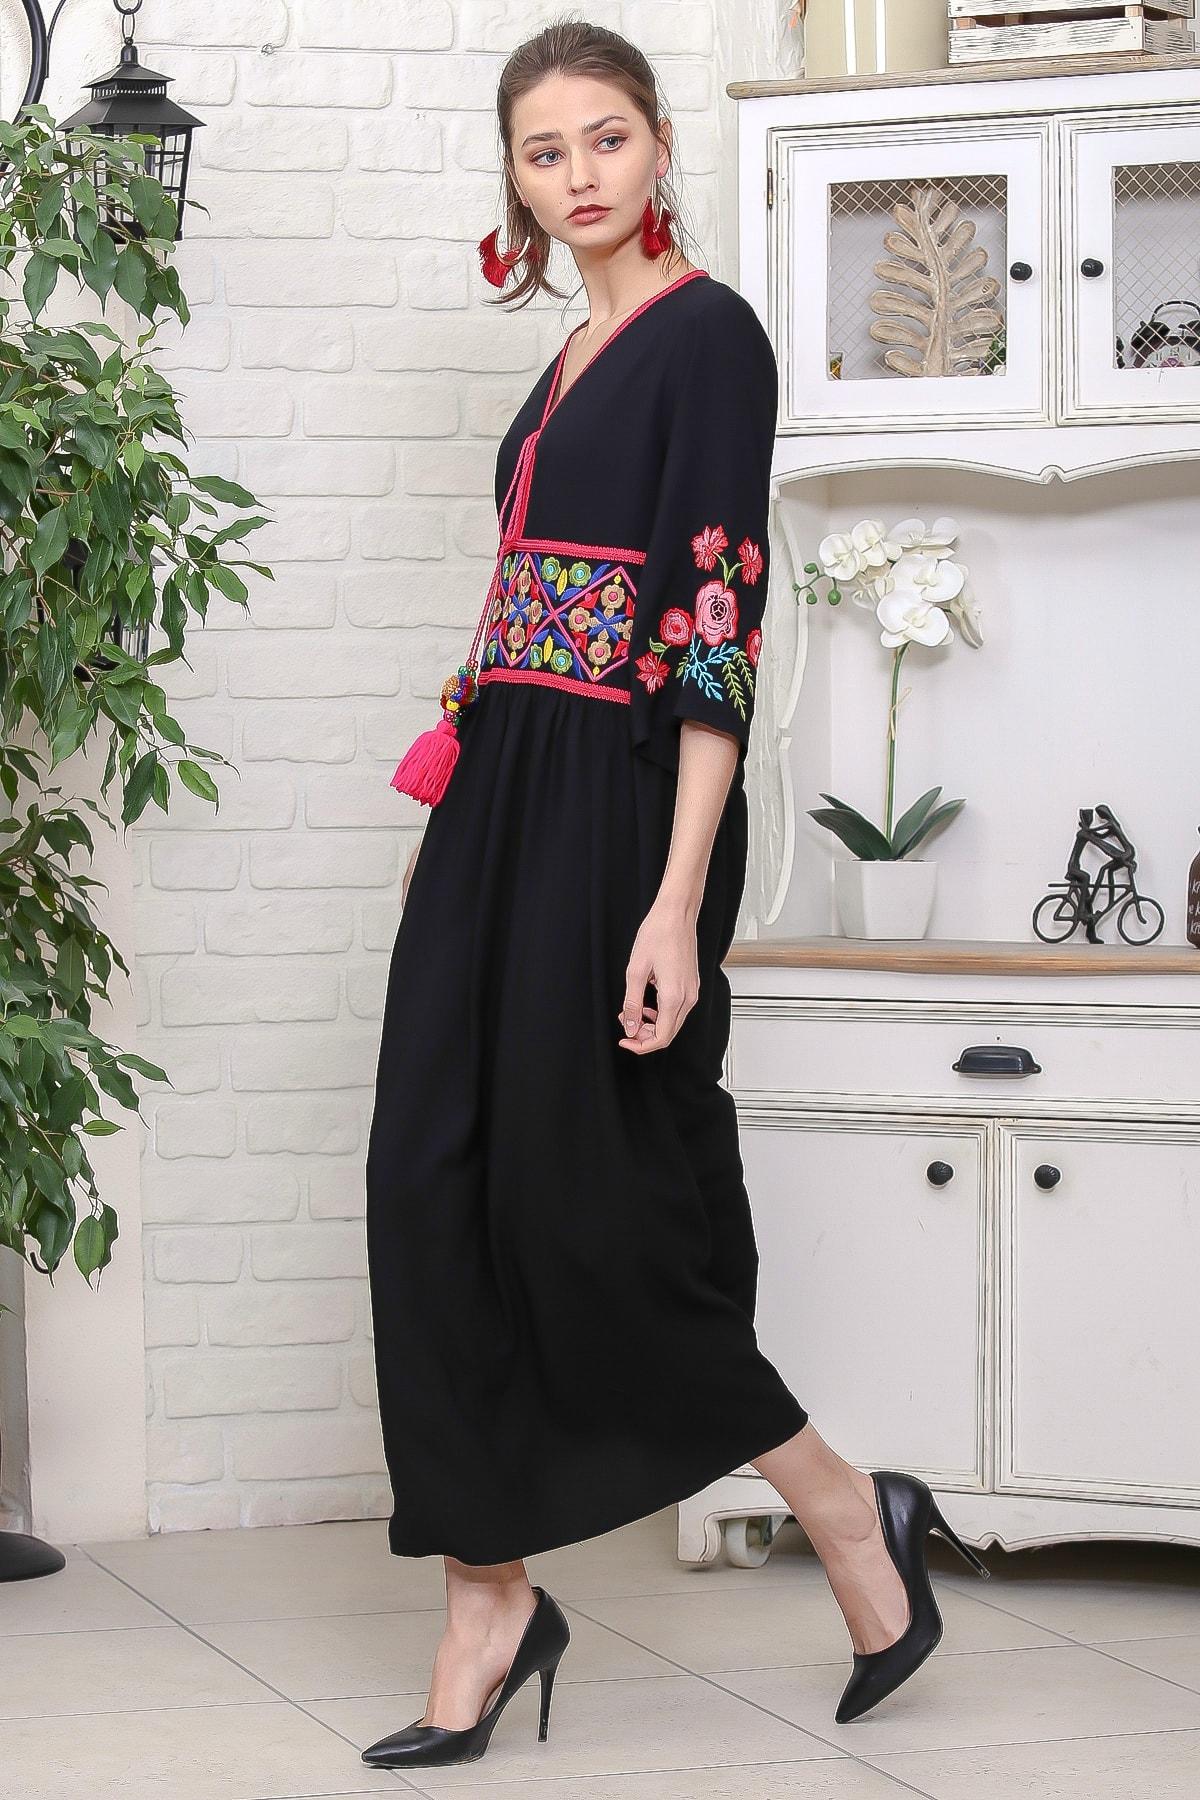 Chiccy Kadın Siyah Beli Ve Kolları Nakışlı Ponponlu Bağcıklı Salaş Dokuma Elbise M10160000EL95920 3